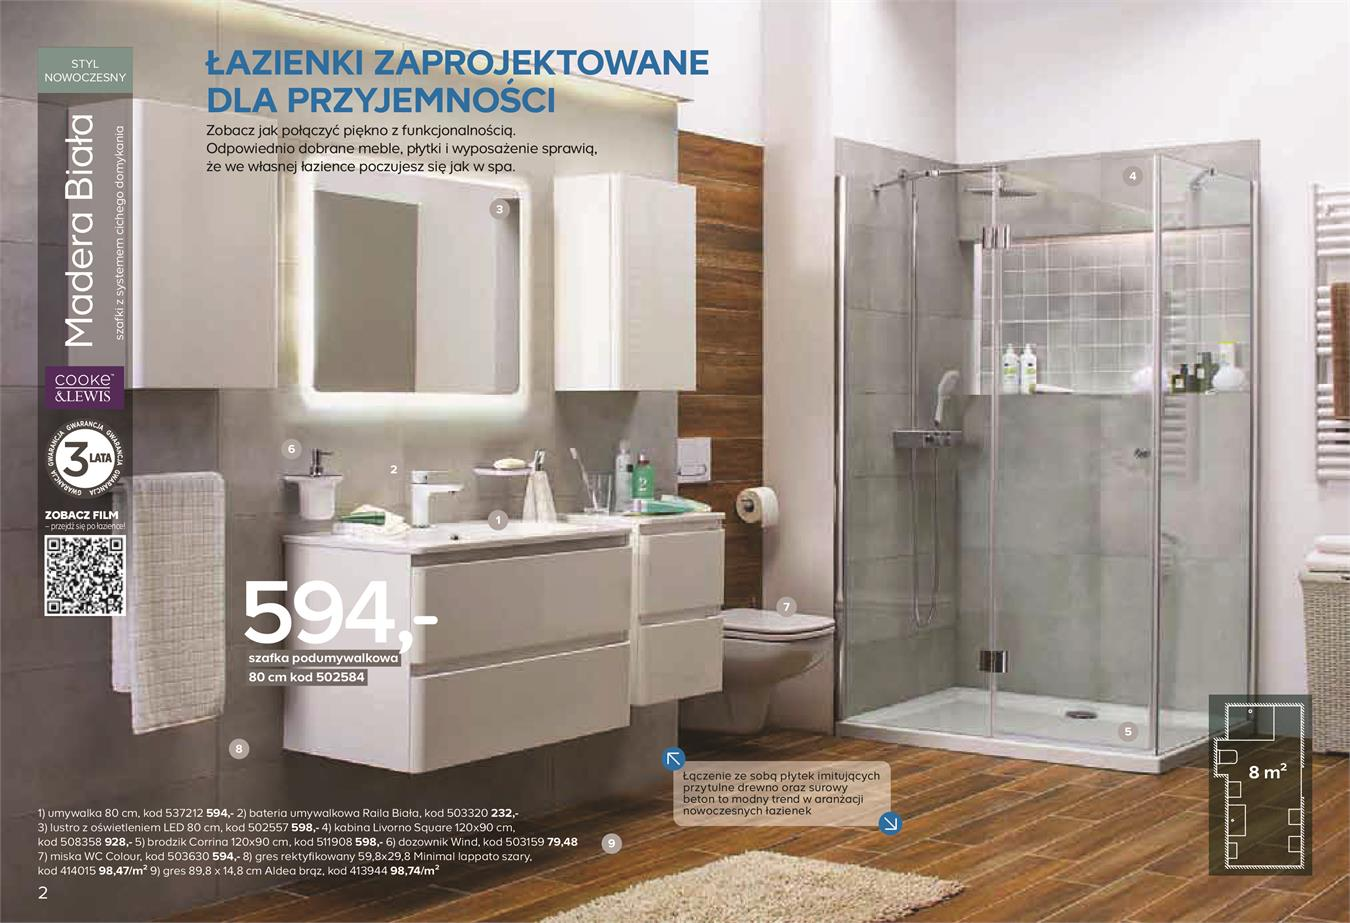 Gazetka Promocyjna Castoramapl Katalog łazienki Luty